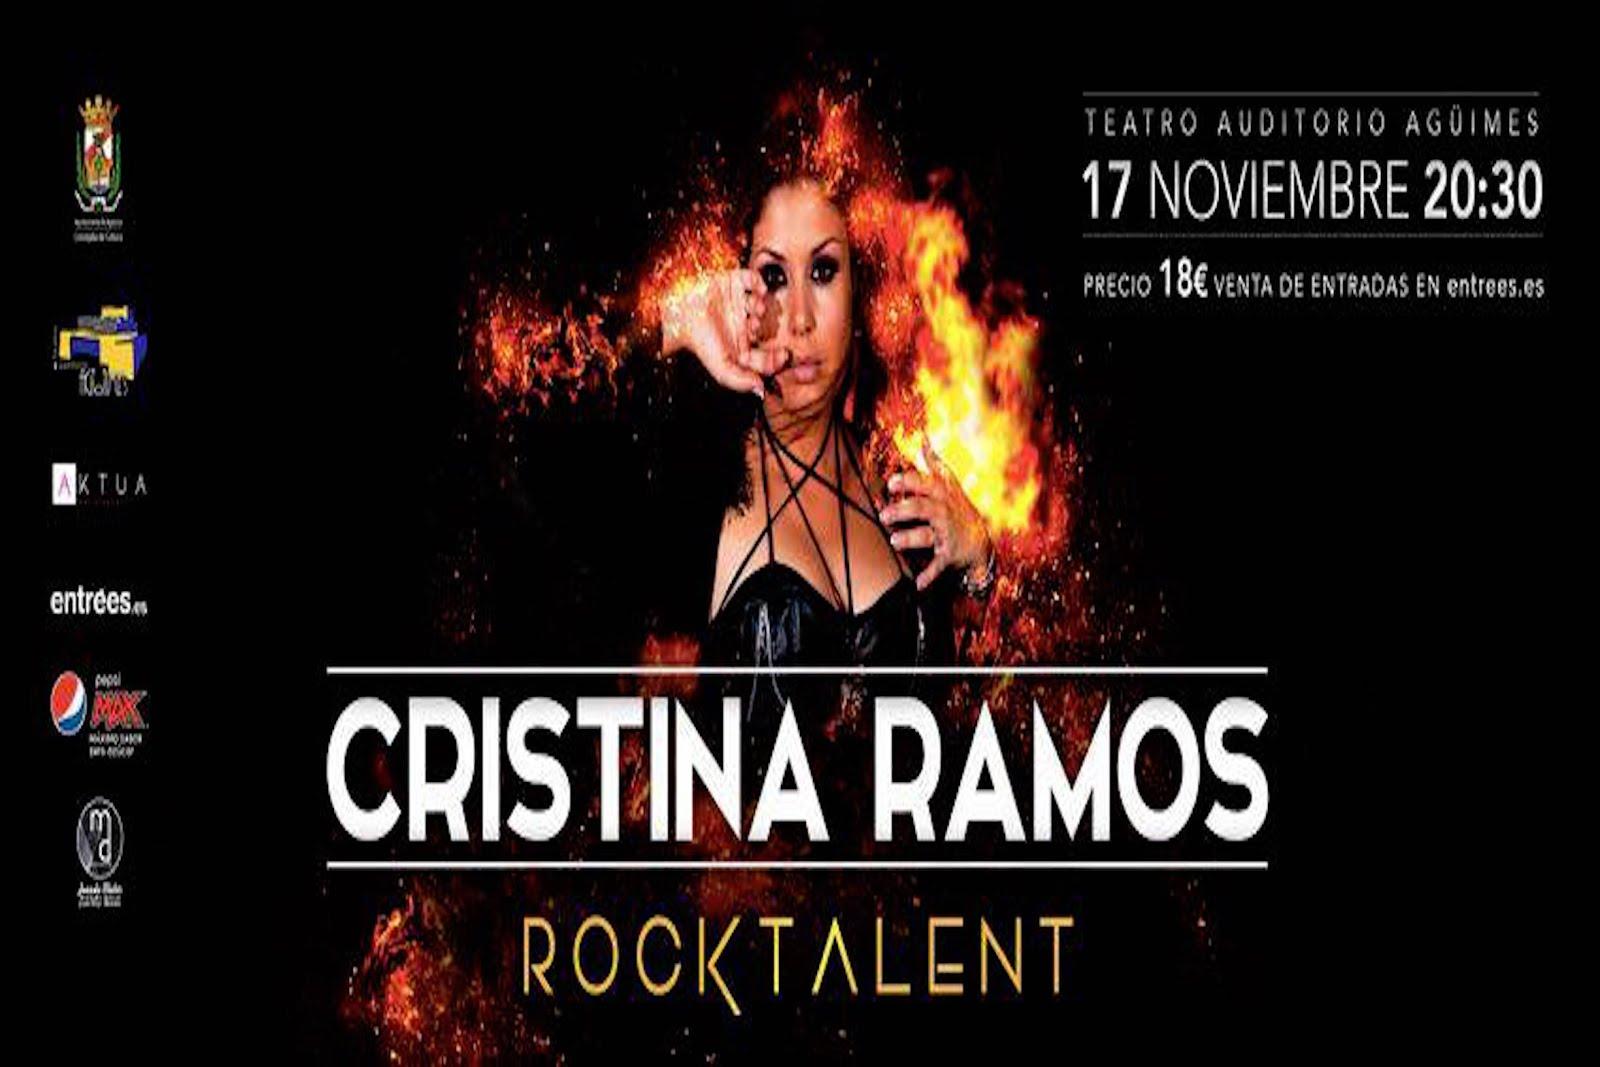 """Cristina Ramos y """"Rock Talent"""" en Agüimes"""